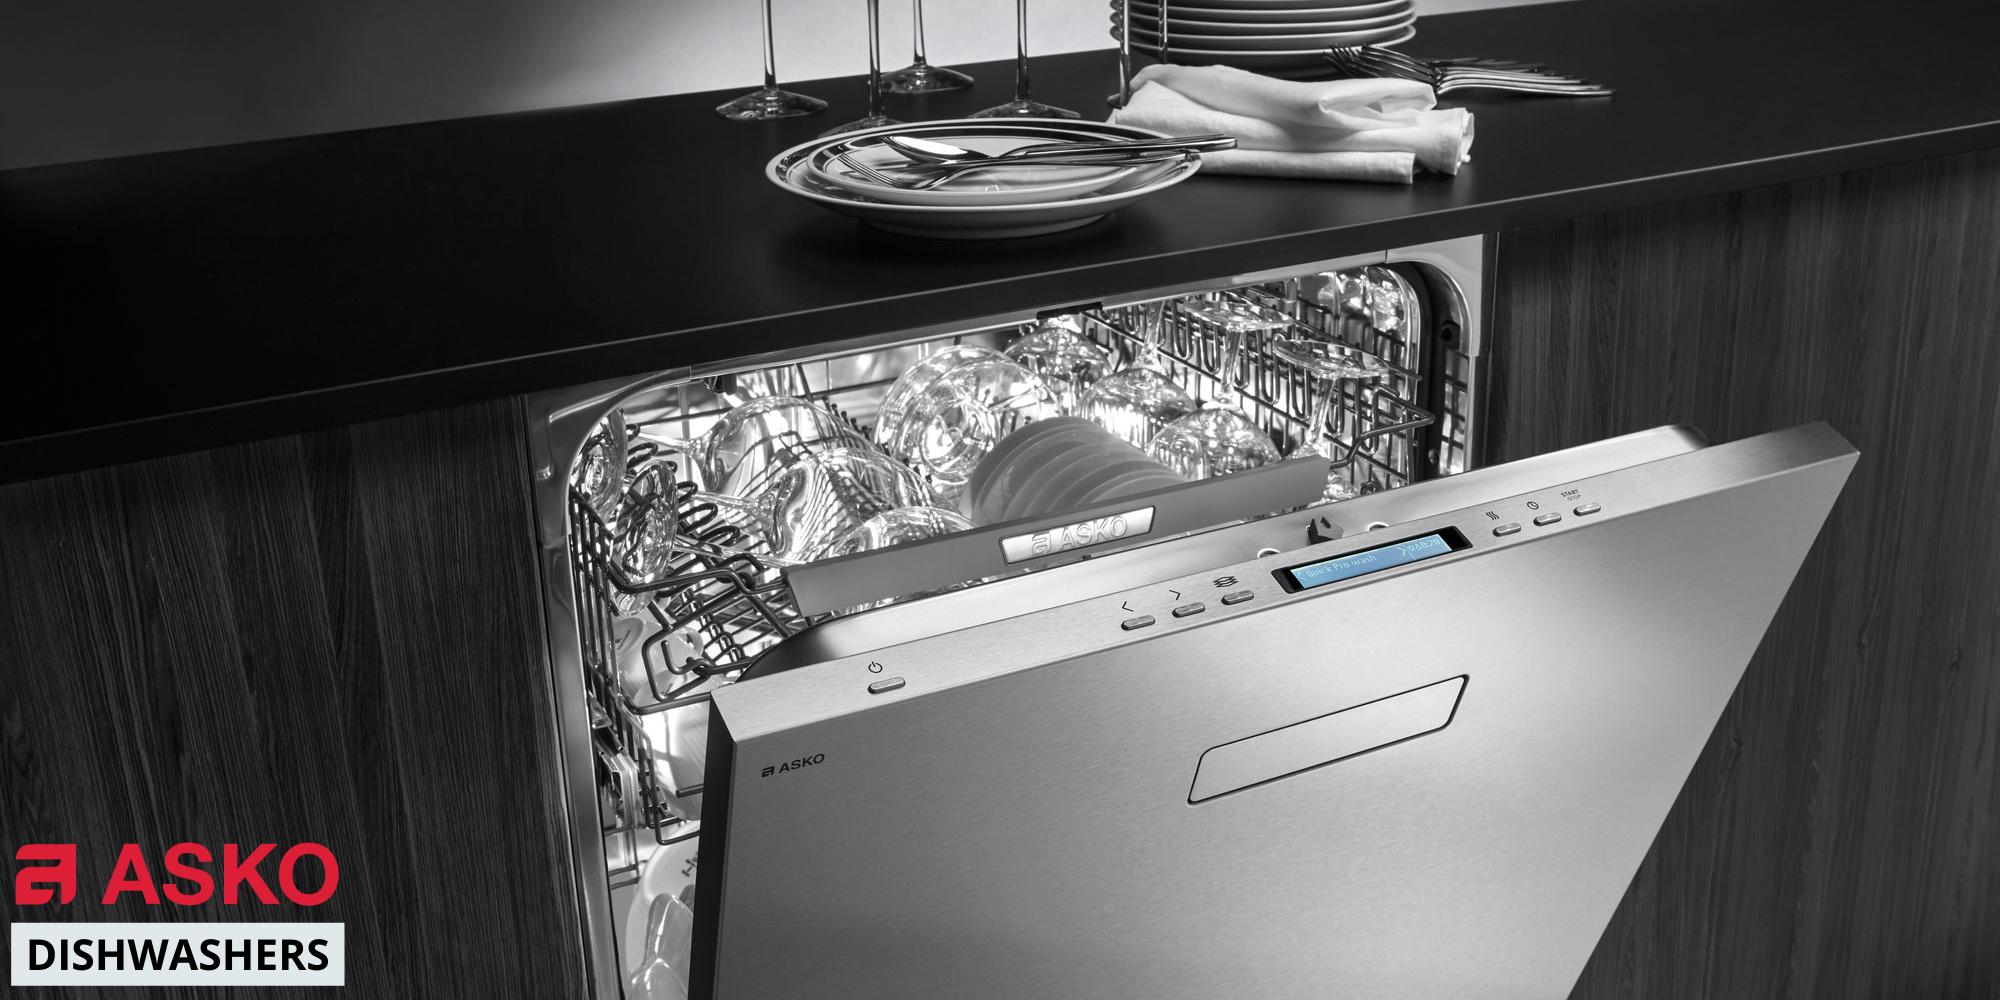 asko-dishwashers-banner.png